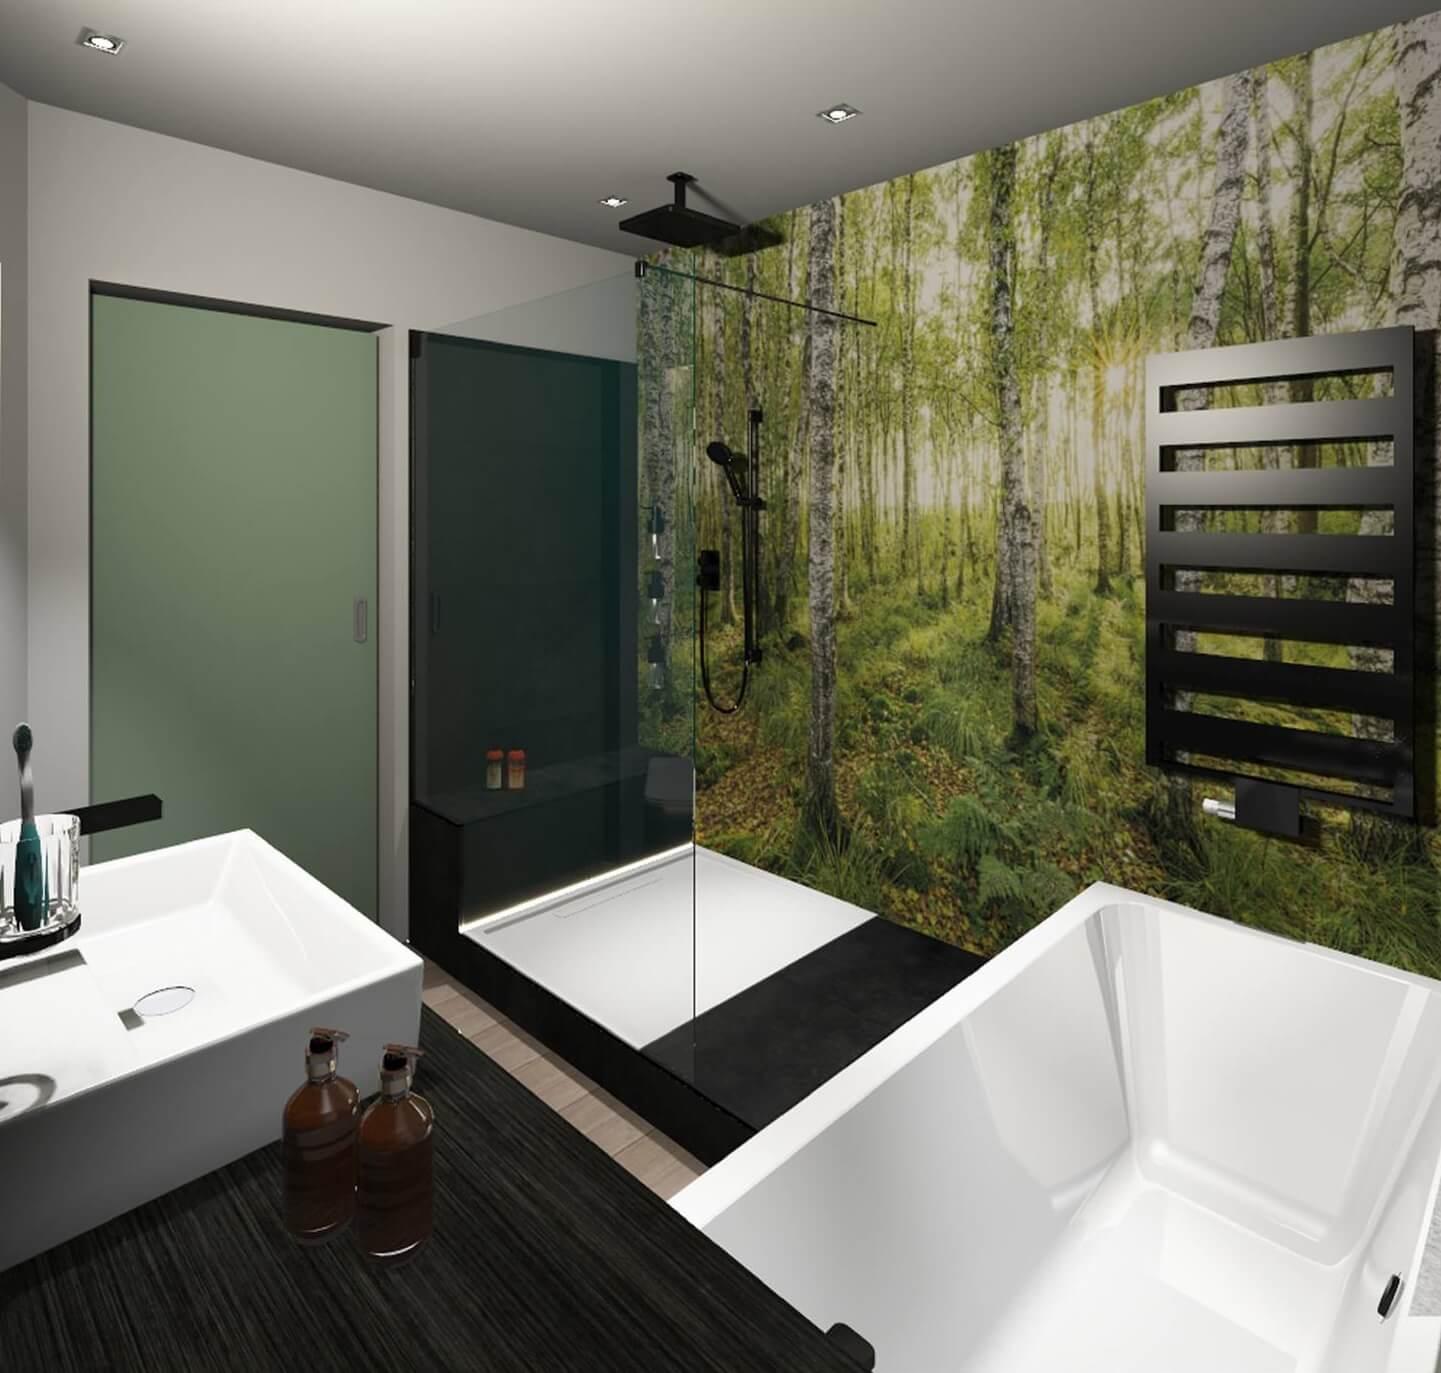 Badezimmer Neu Fliesen Kosten: Was Kostet Ein Badezimmer Komplett